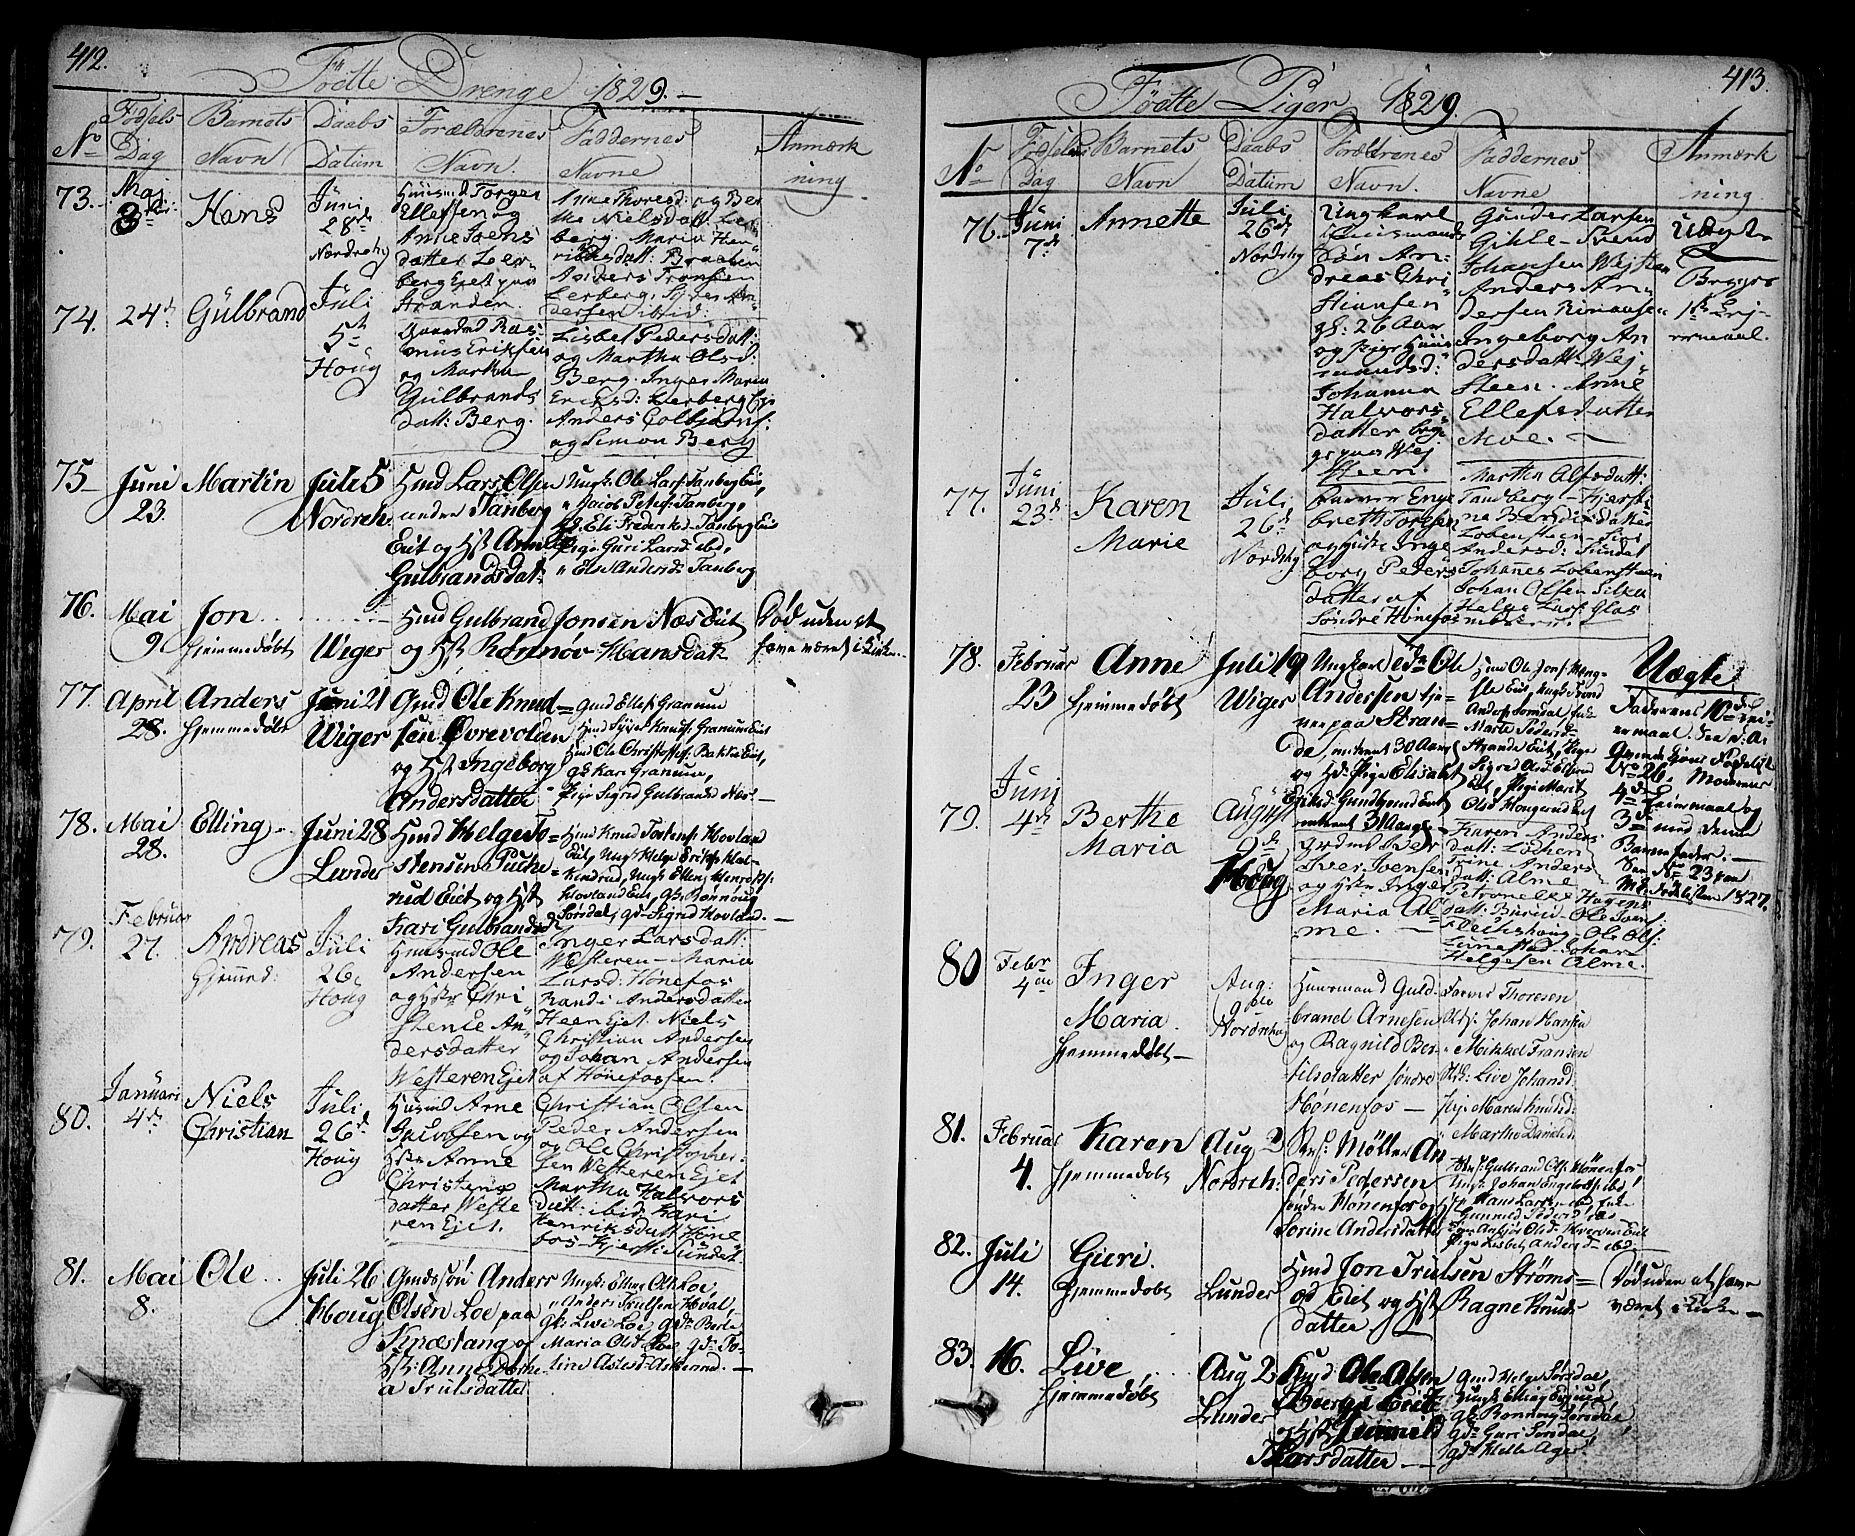 SAKO, Norderhov kirkebøker, F/Fa/L0009: Ministerialbok nr. 9, 1819-1837, s. 412-413